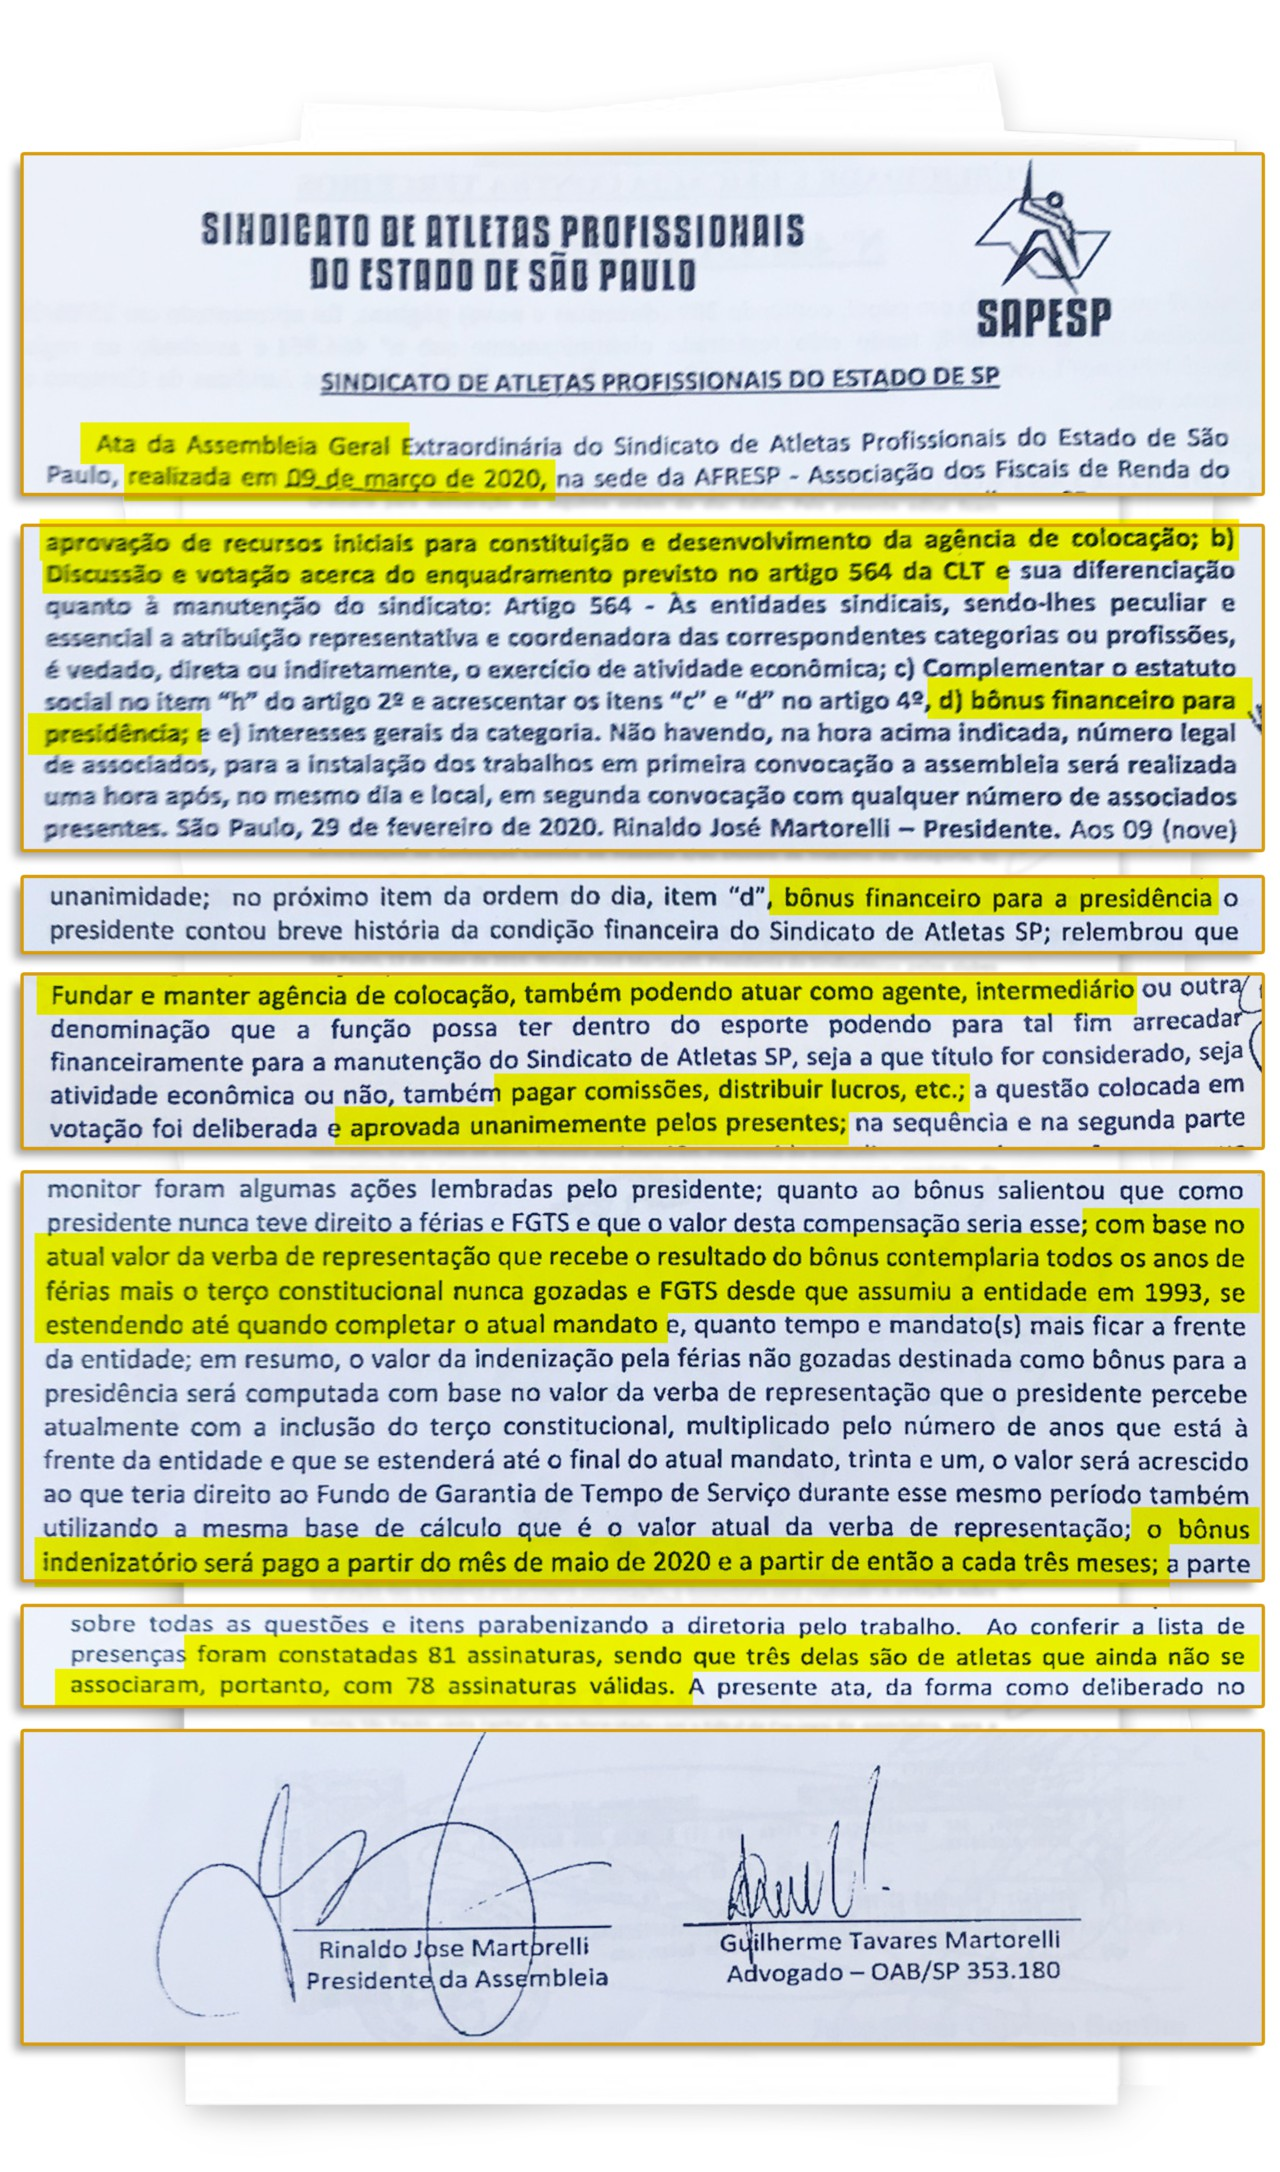 Martorelli aprova uma indenização para si mesmo e chama de bônus - Reprodução